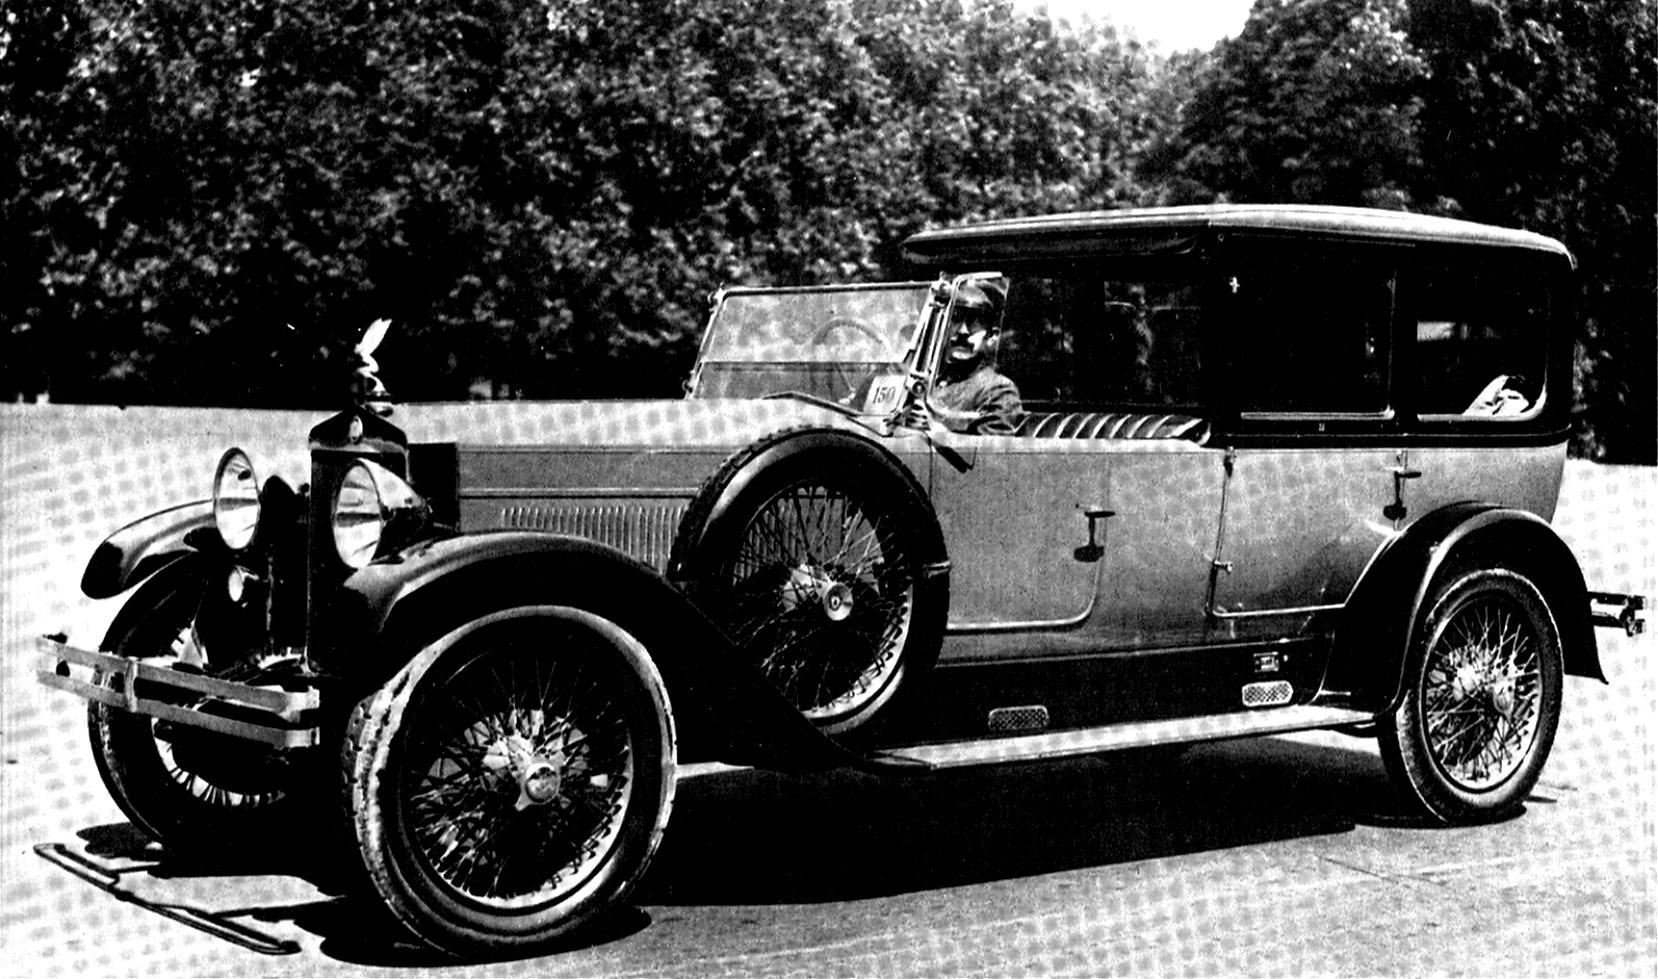 https://motoimg.com/images/fiat-519-coupe-1922-01.jpg